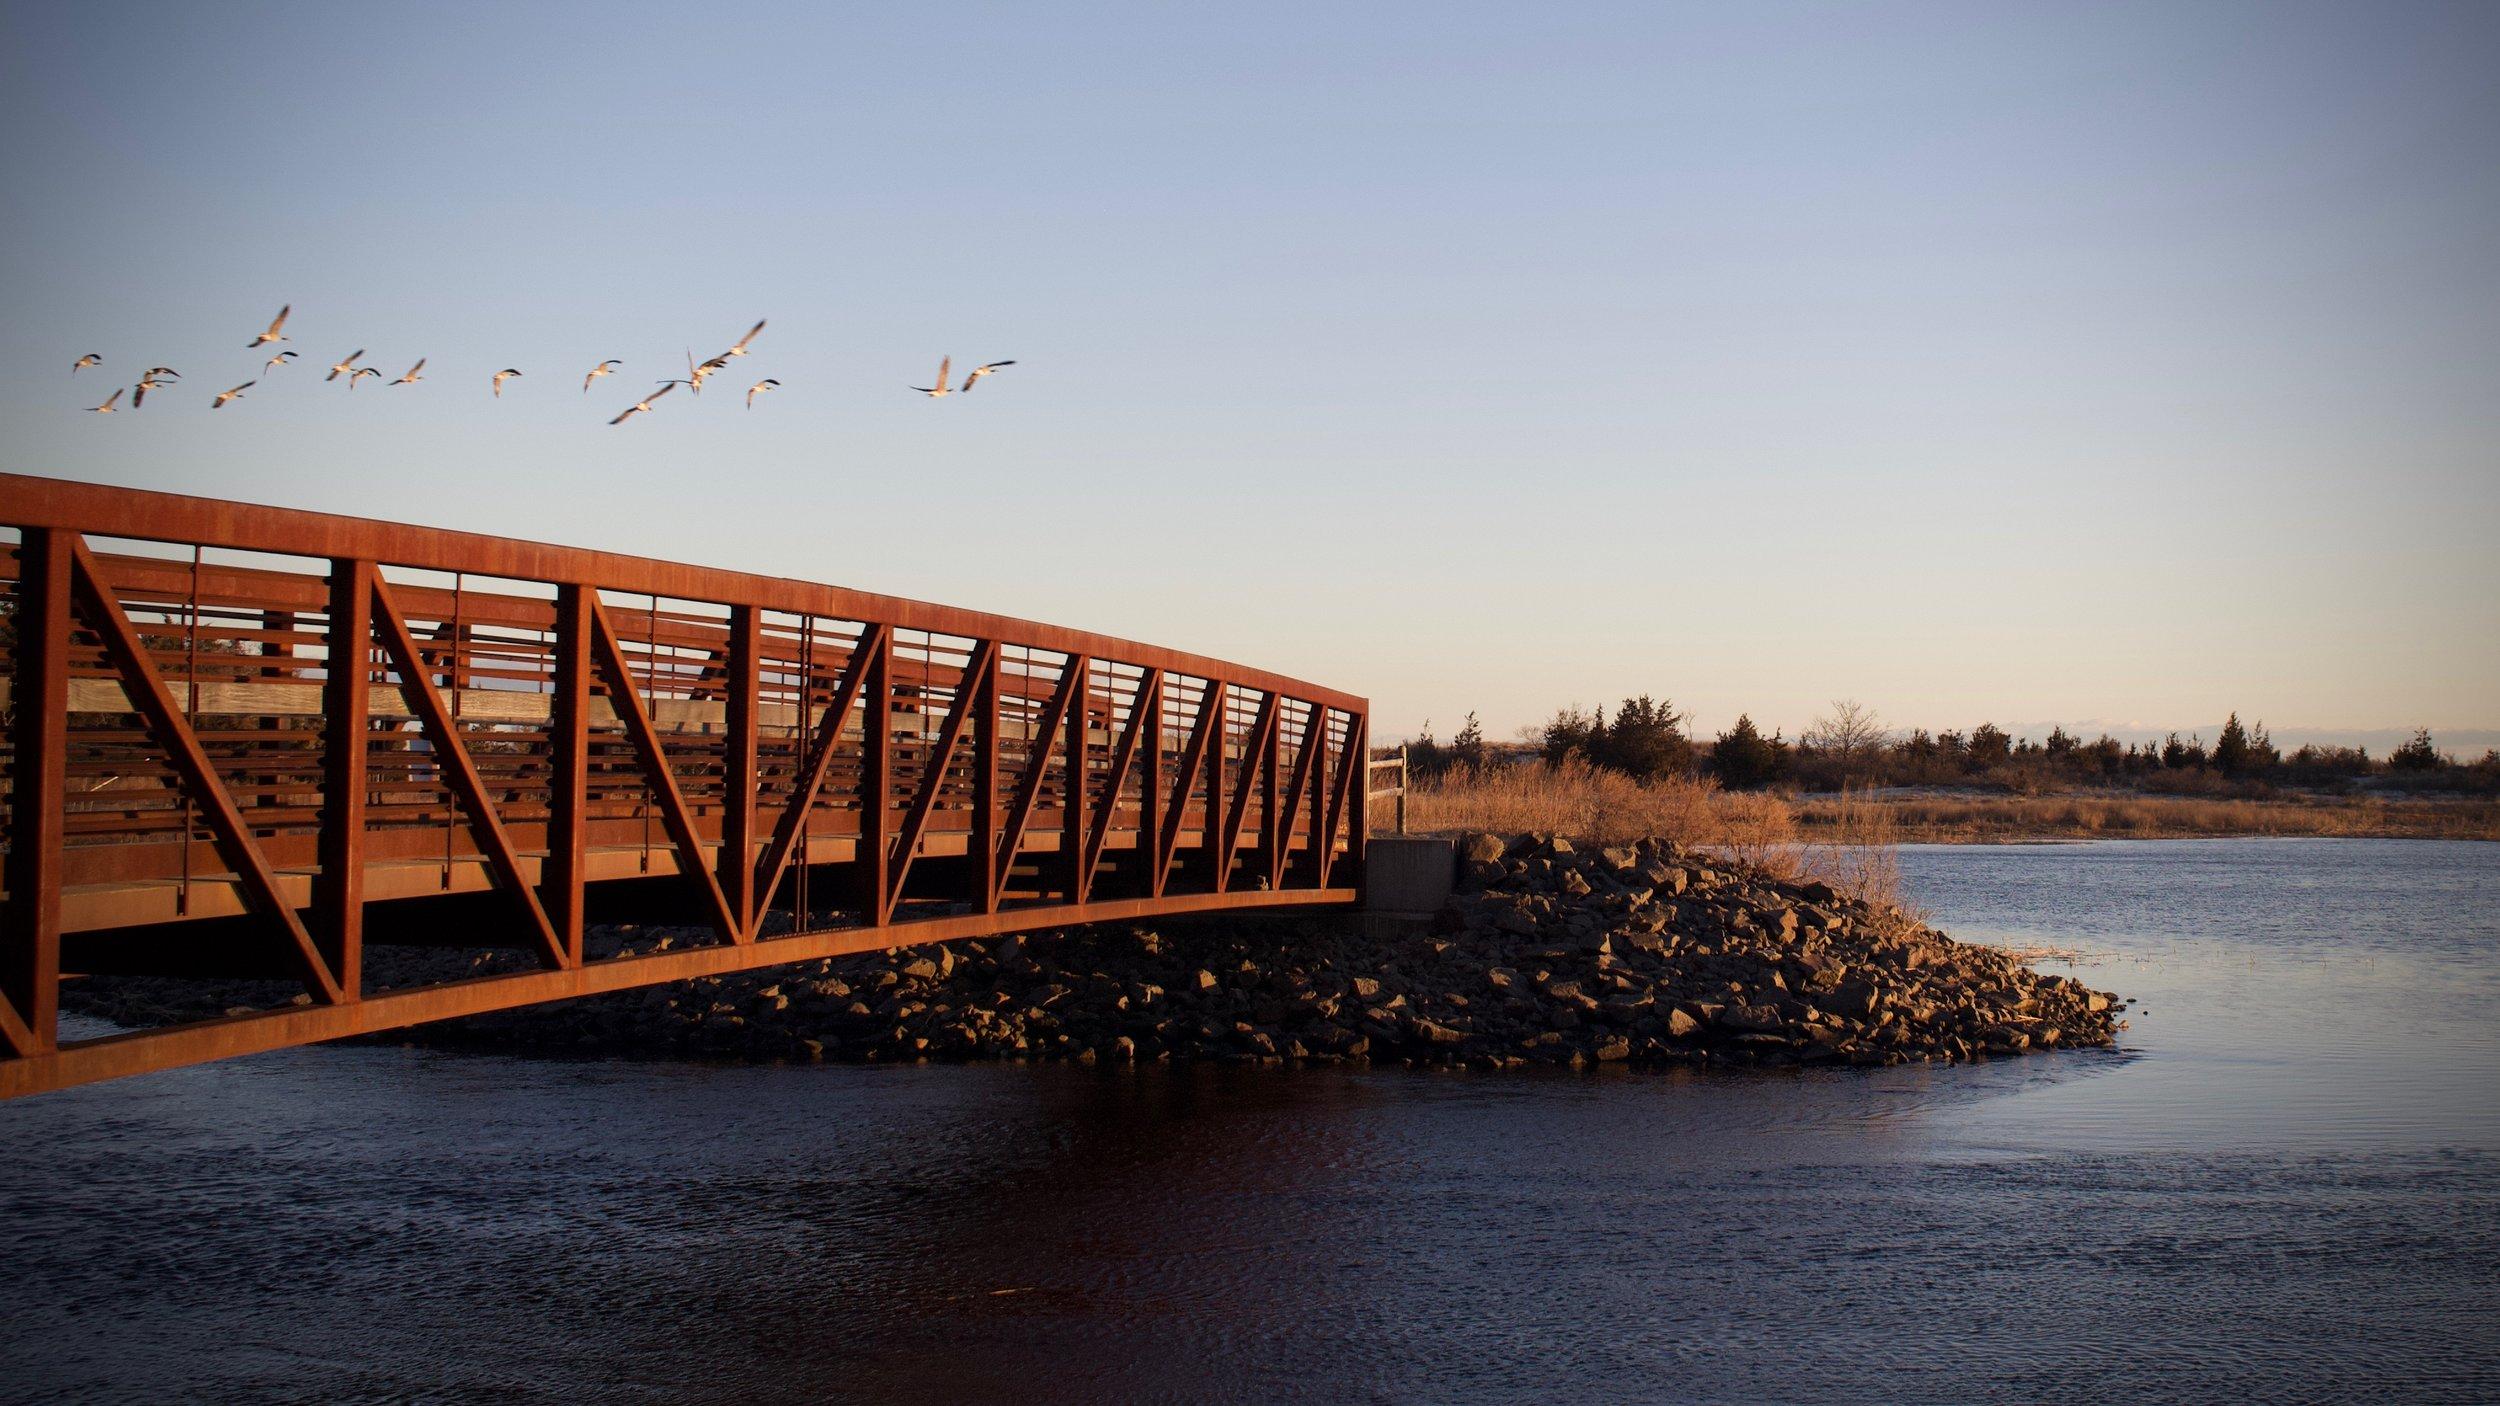 Footbridge at Sunken Meadow State Park